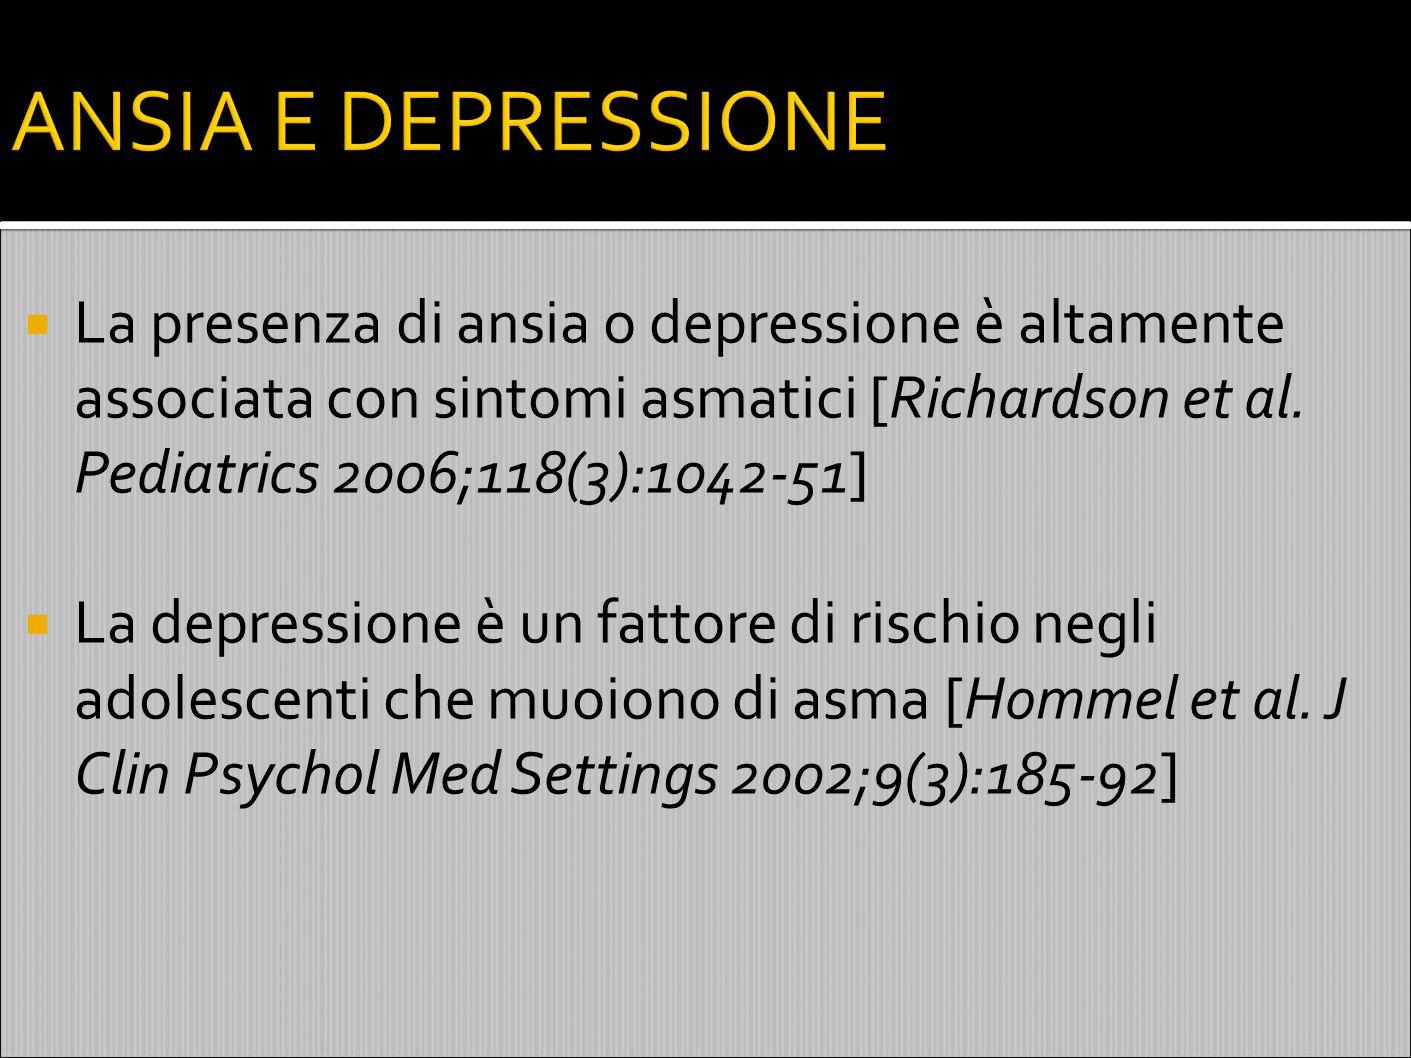 ANSIA E DEPRESSIONE La presenza di ansia o depressione è altamente associata con sintomi asmatici [Richardson et al. Pediatrics 2006;118(3):1042-51]